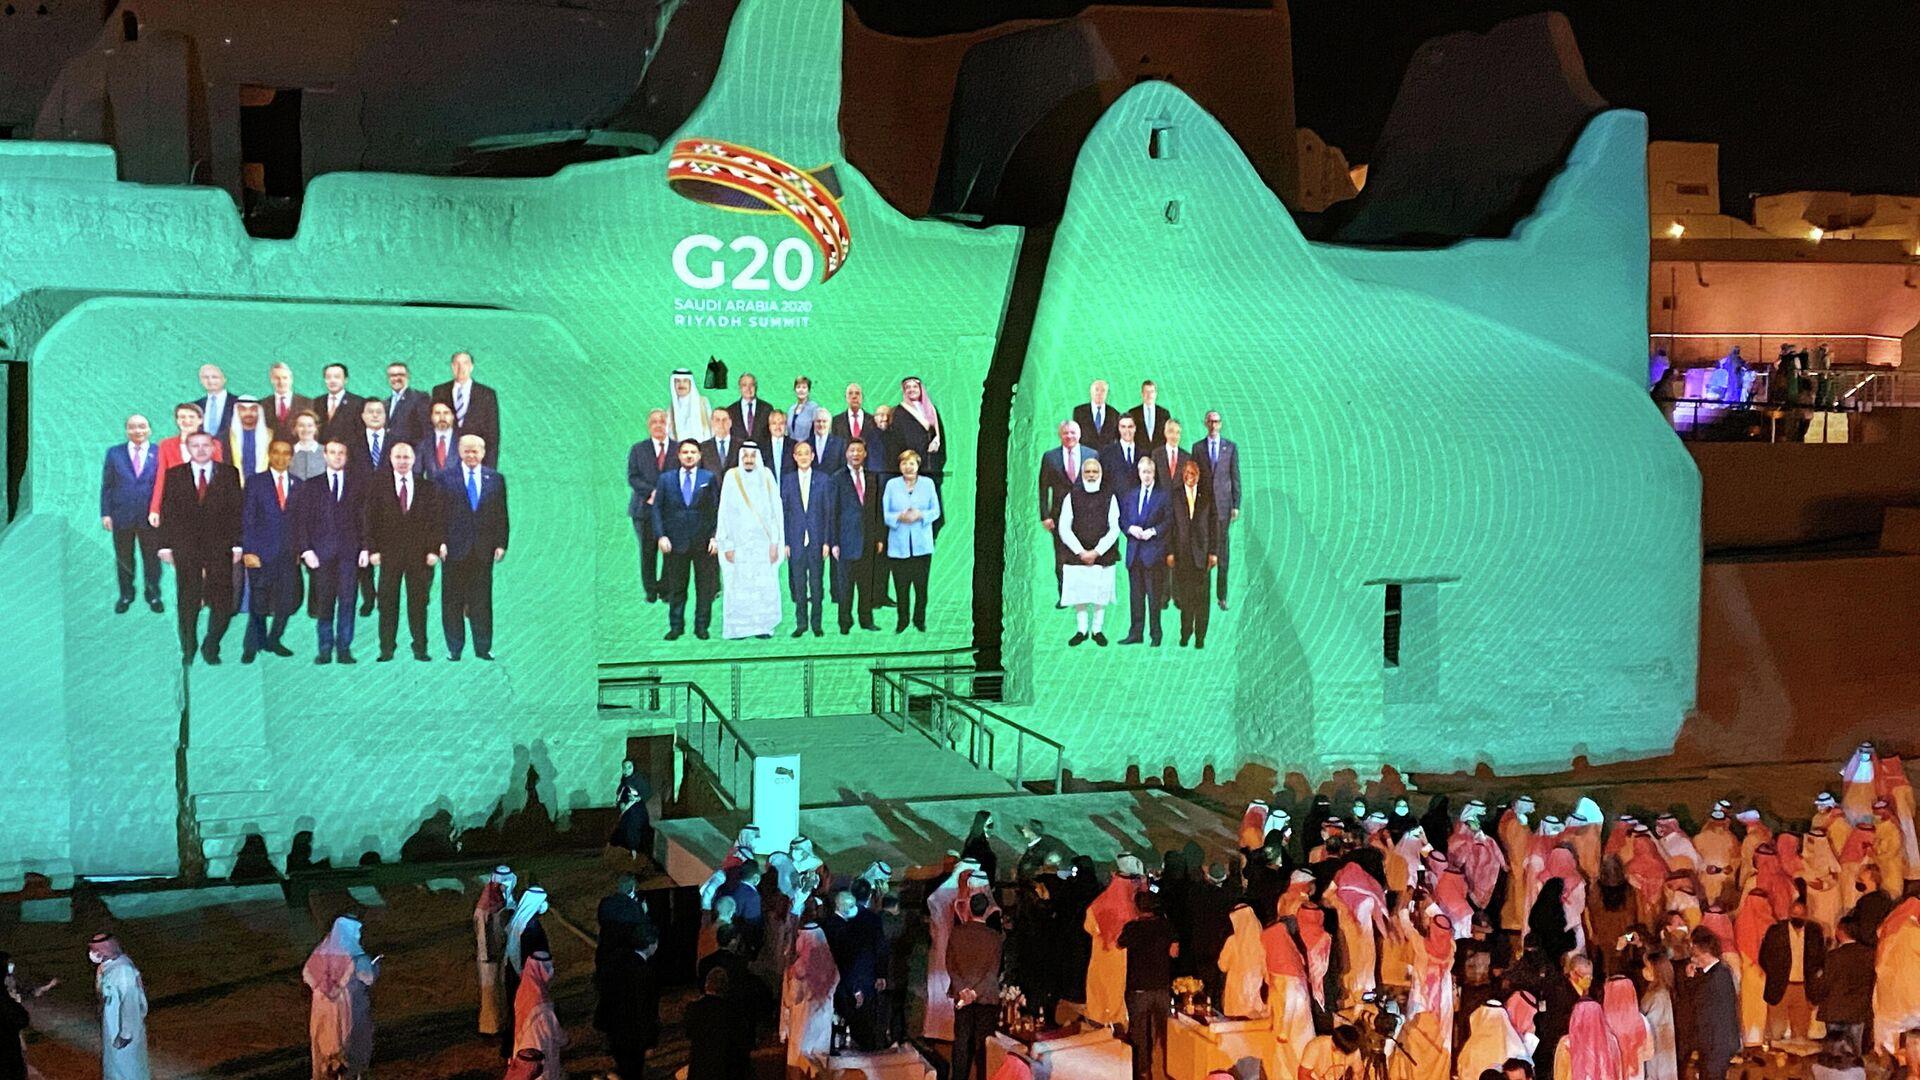 Проекция общего фото лидеров стран G20 на дворце Салва в Ат-Турайфе в Саудовской Аравии - РИА Новости, 1920, 23.11.2020